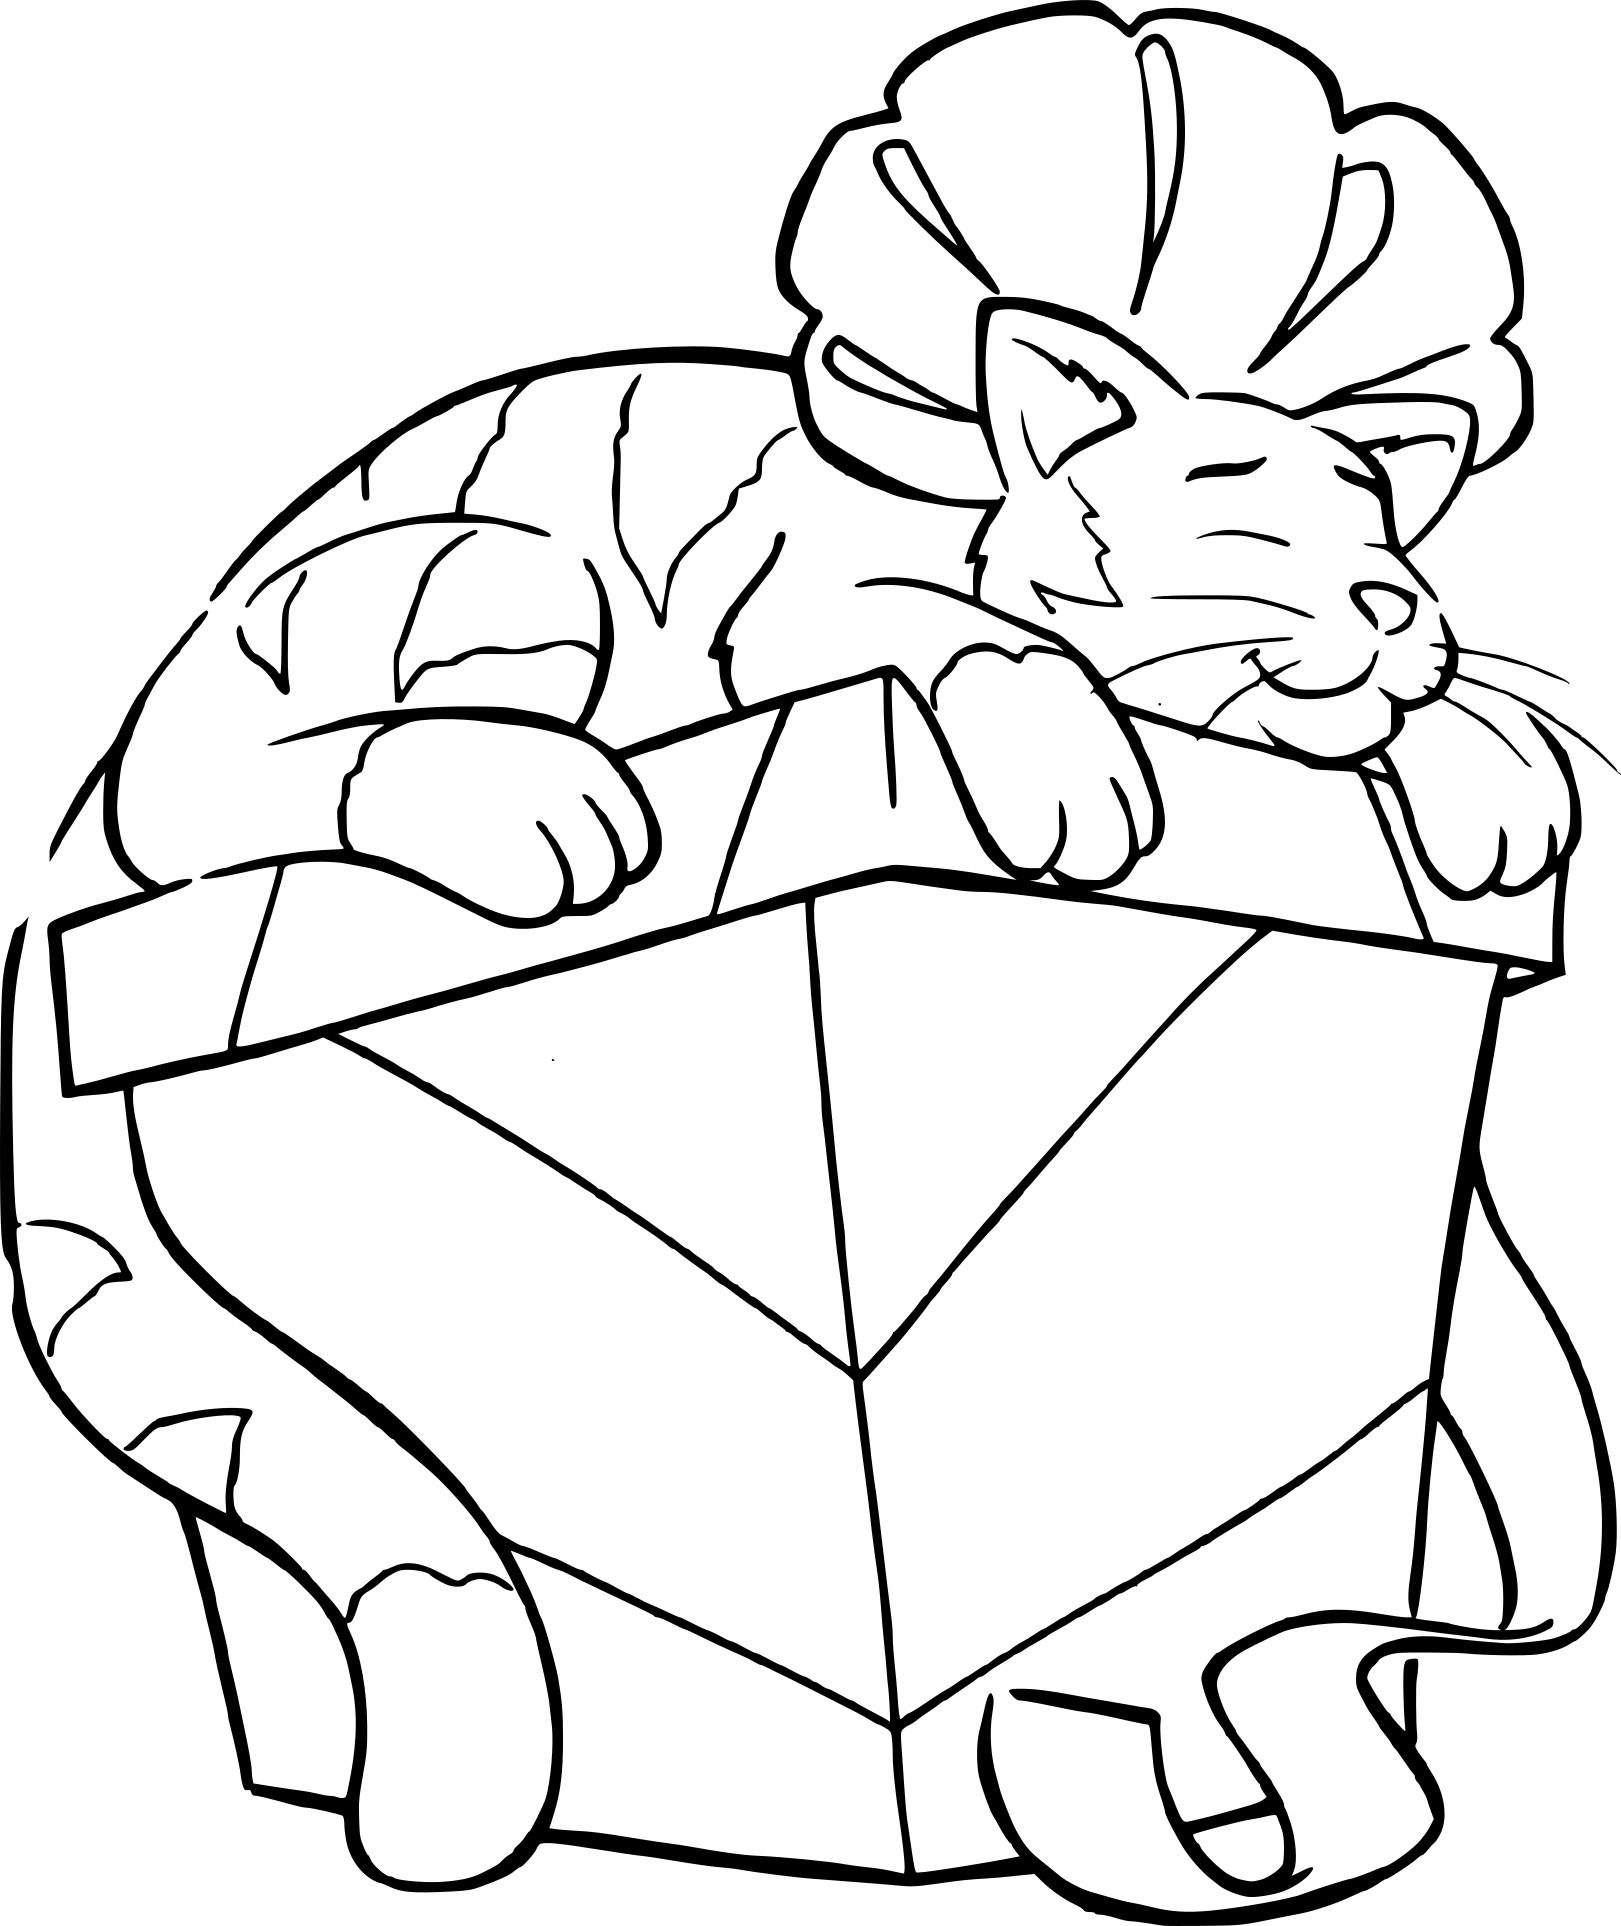 Coloriage chat dort sur un cadeau de noel imprimer - Chat facile et gratuit ...